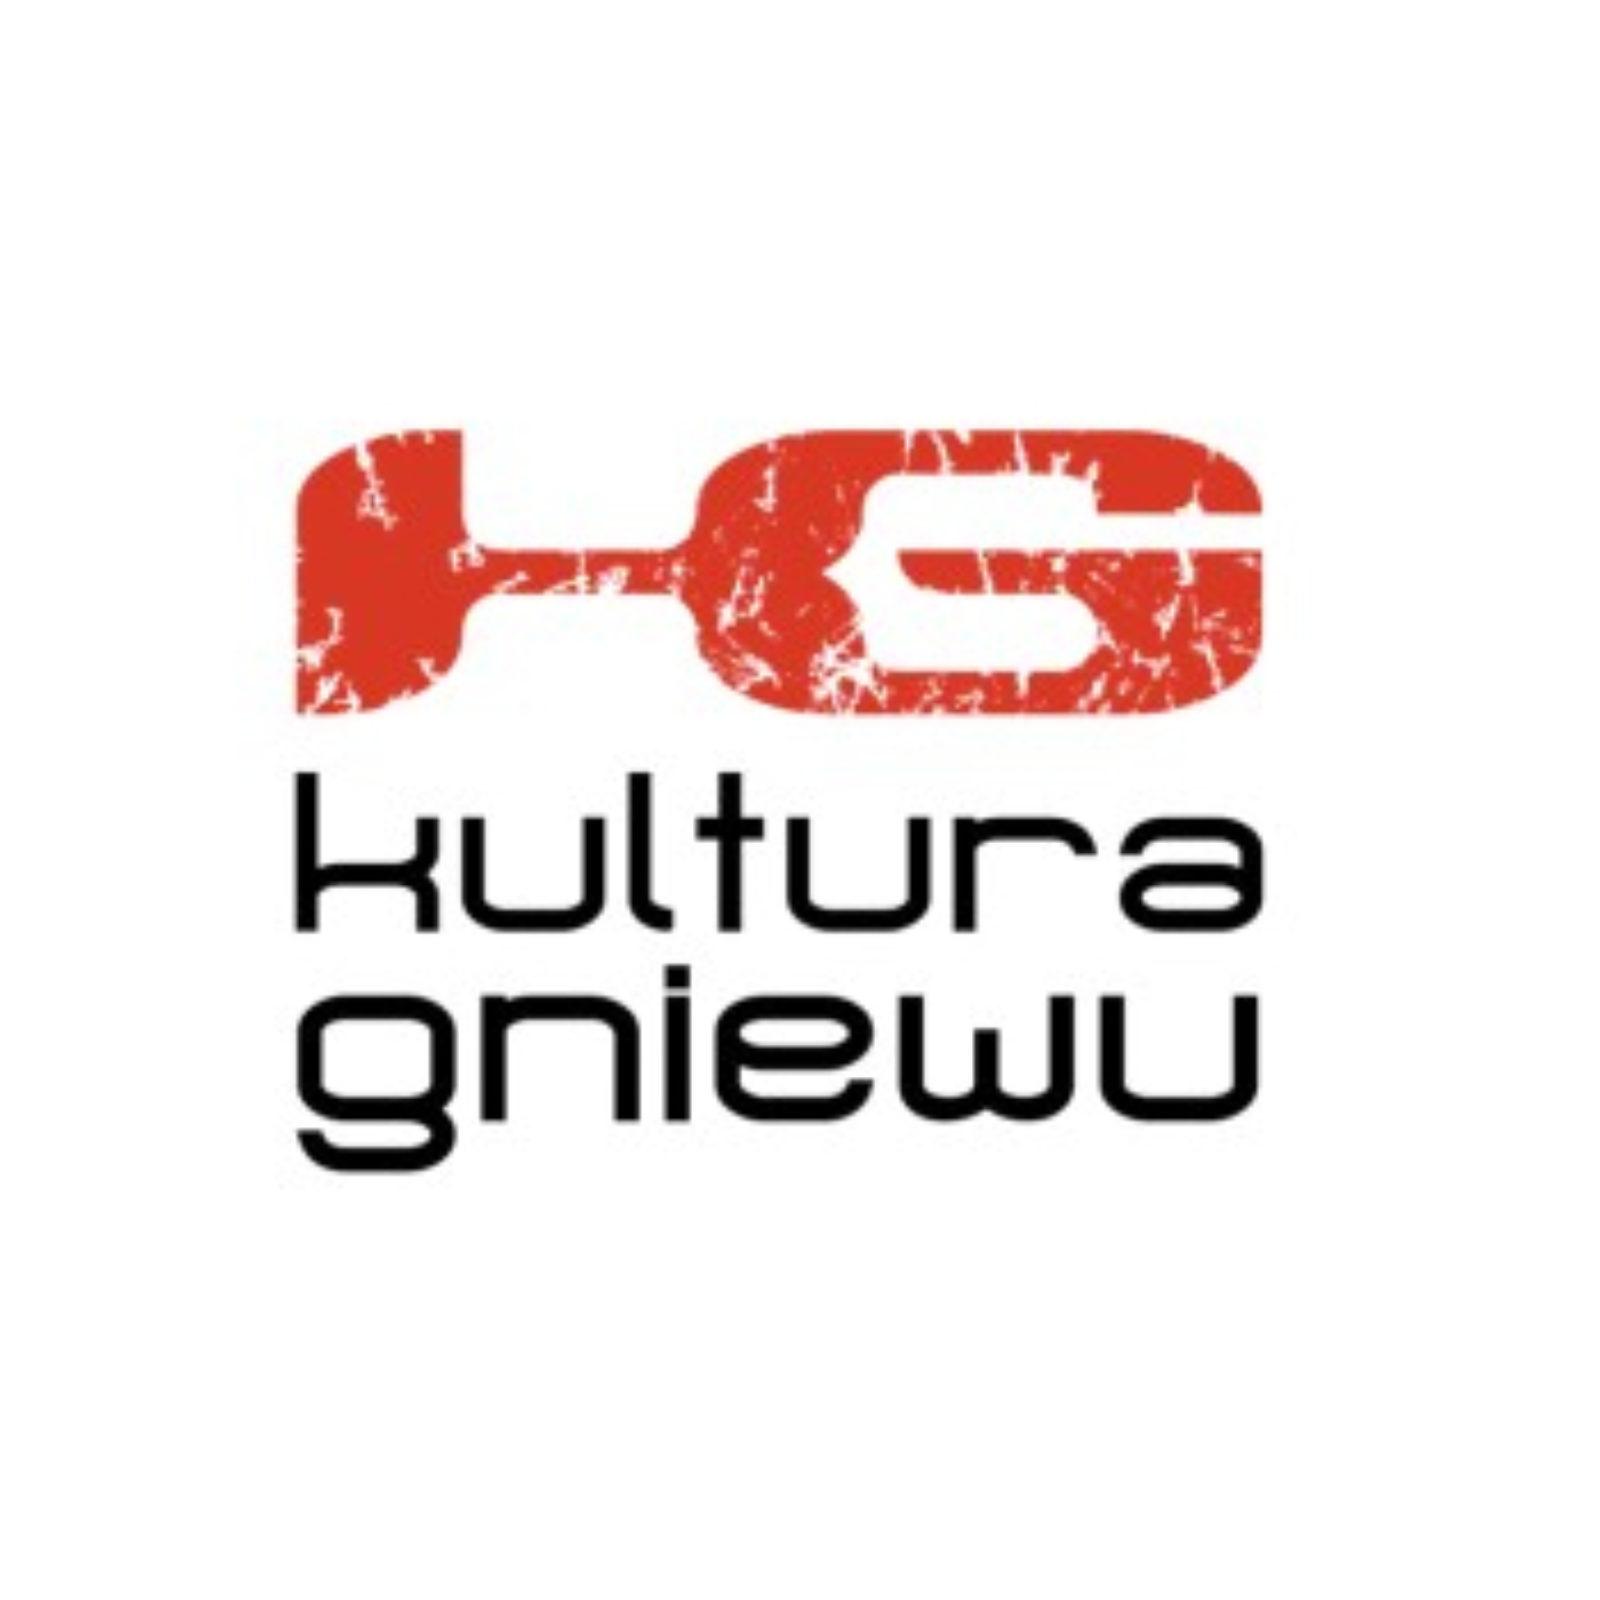 Wydawnictwo Kultura Gniewu